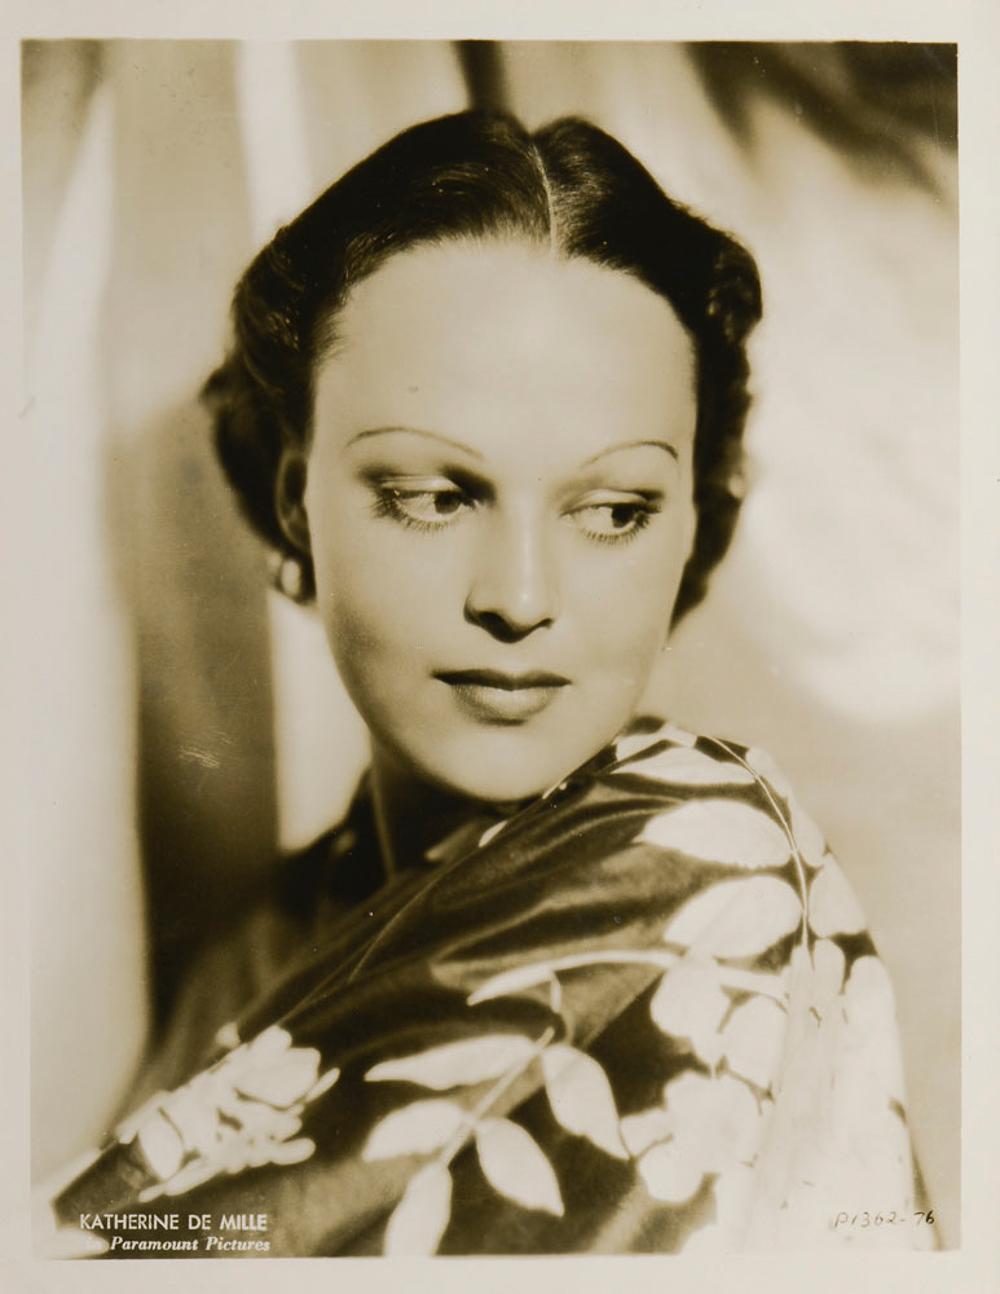 Katherine de Mille portrait, photograph, 26x20cm